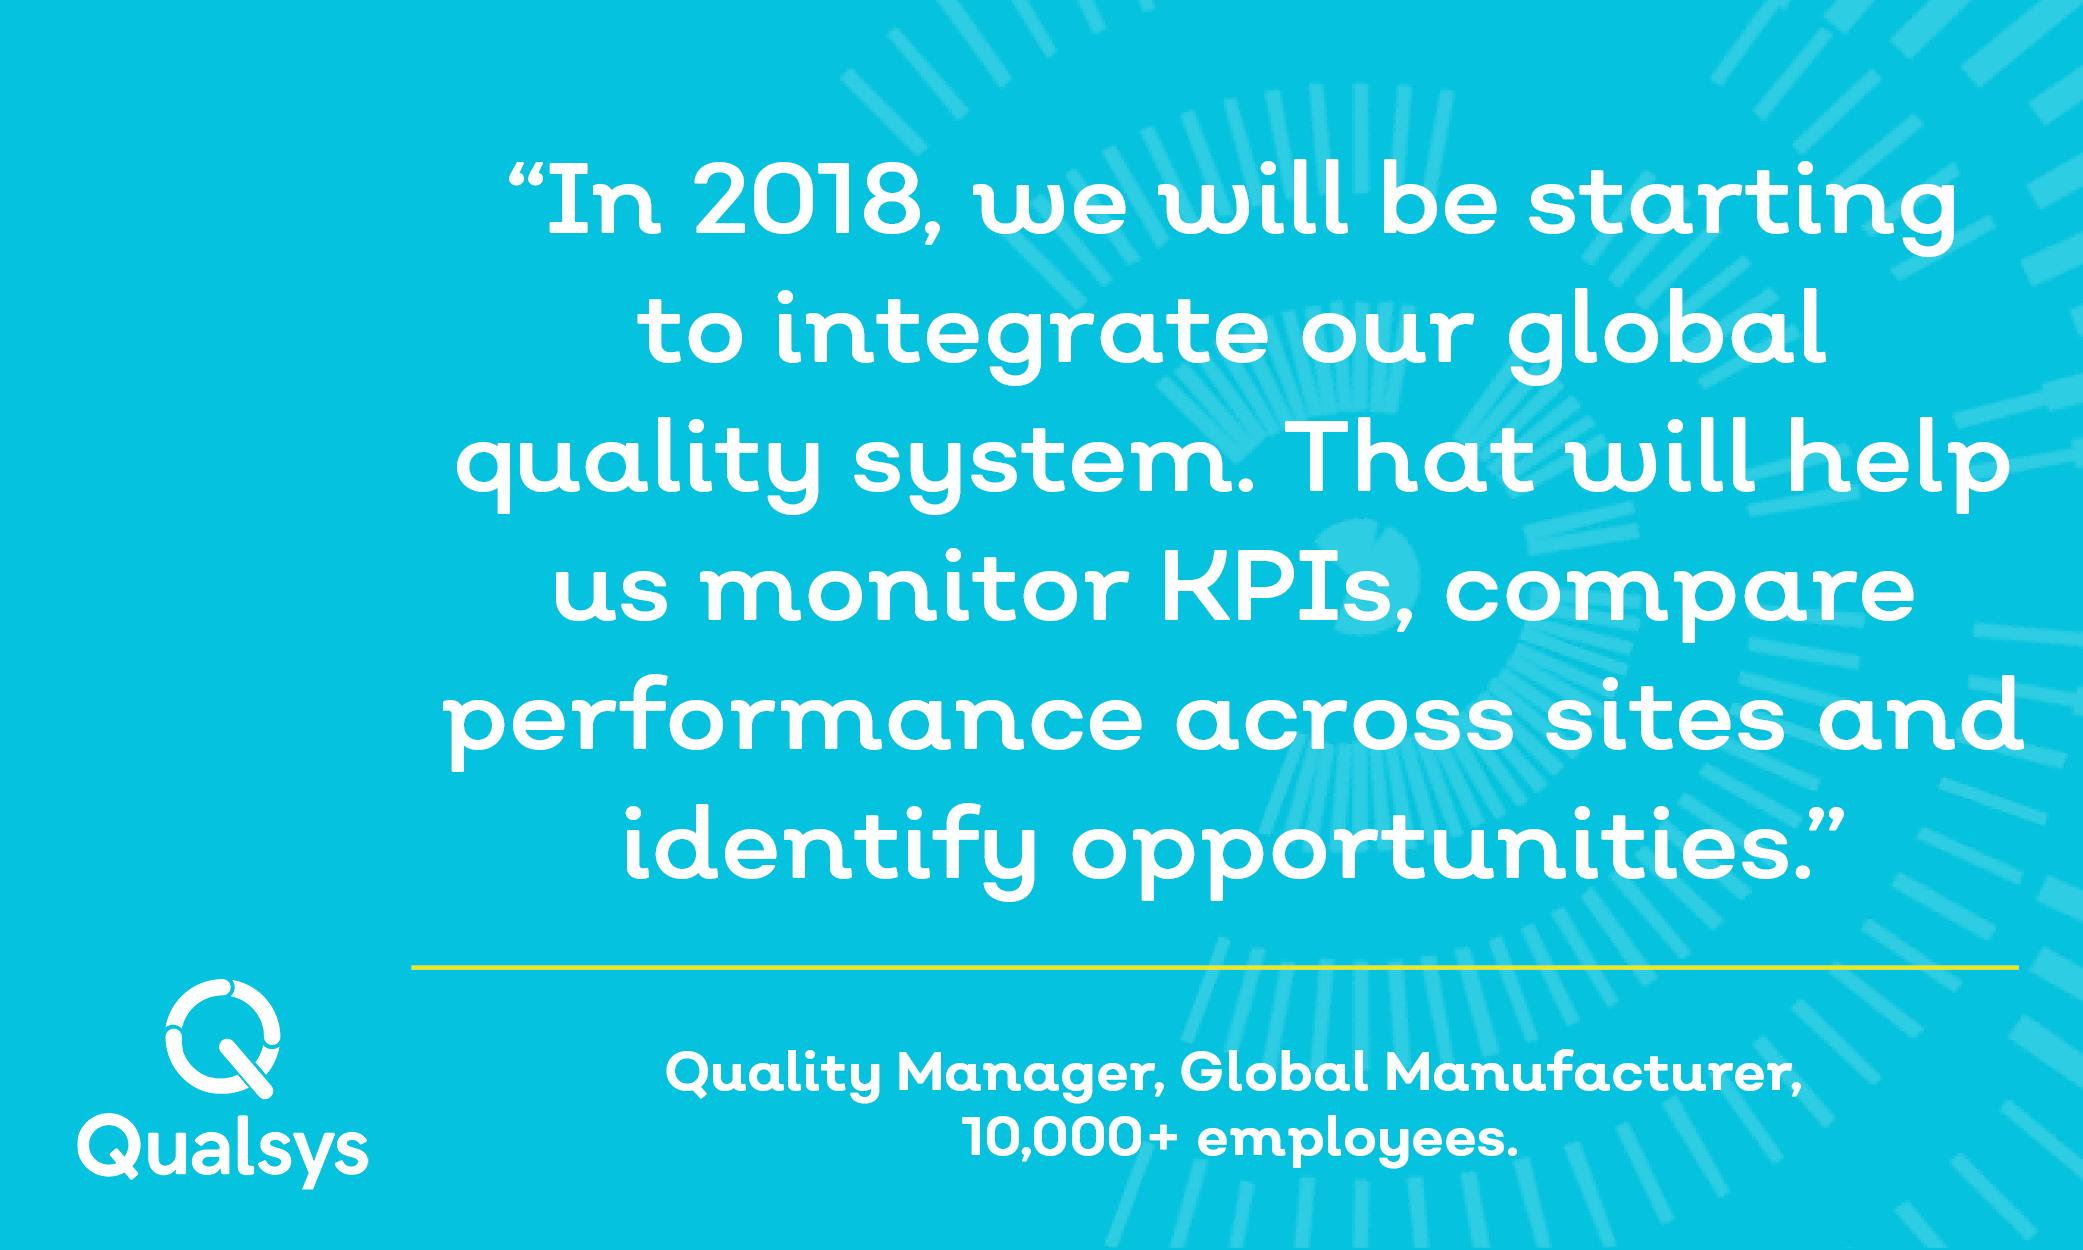 global manufacturer 2018 plans.png